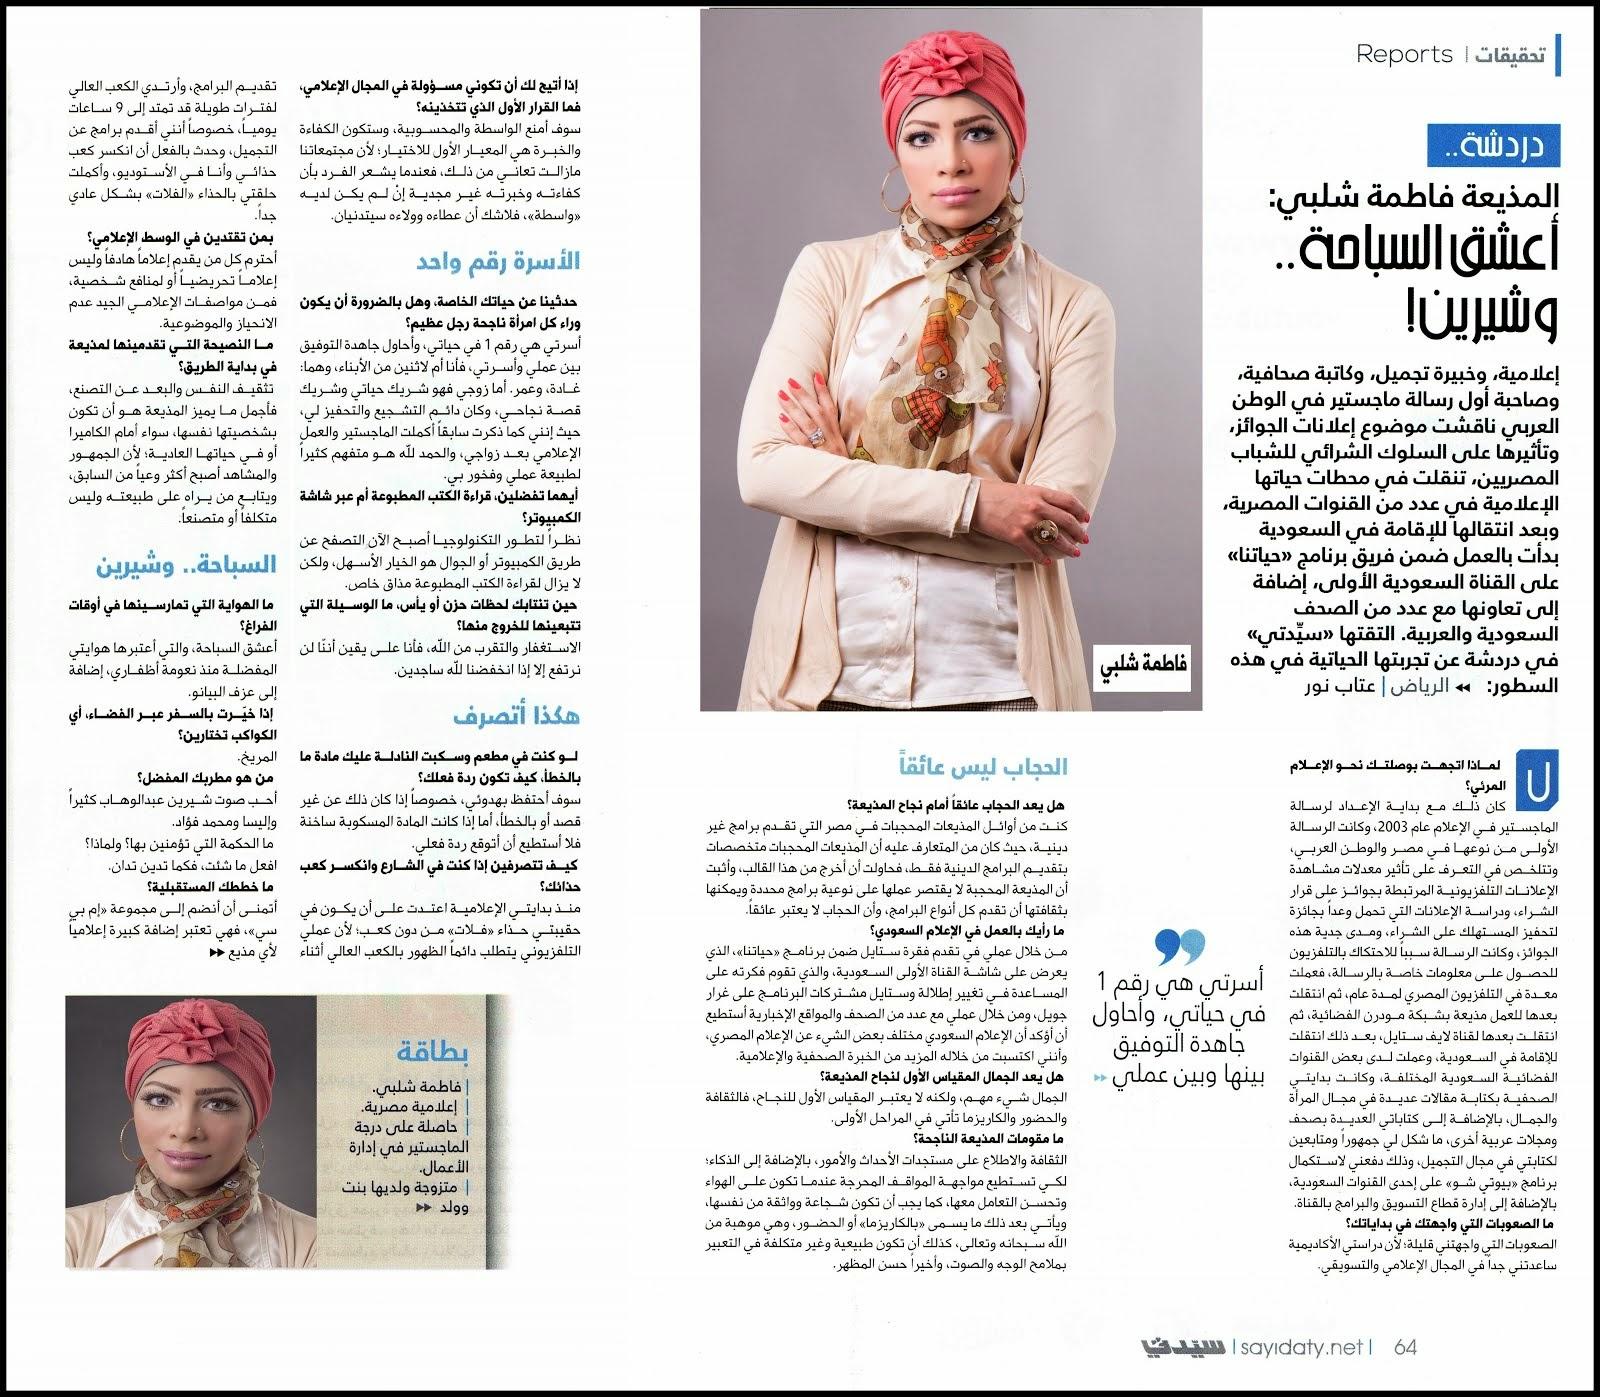 حوار الإعلامية والمذيعة فاطمة شلبى بمجلة سيدتى العدد 1782 بتاريخ 2-5-2015